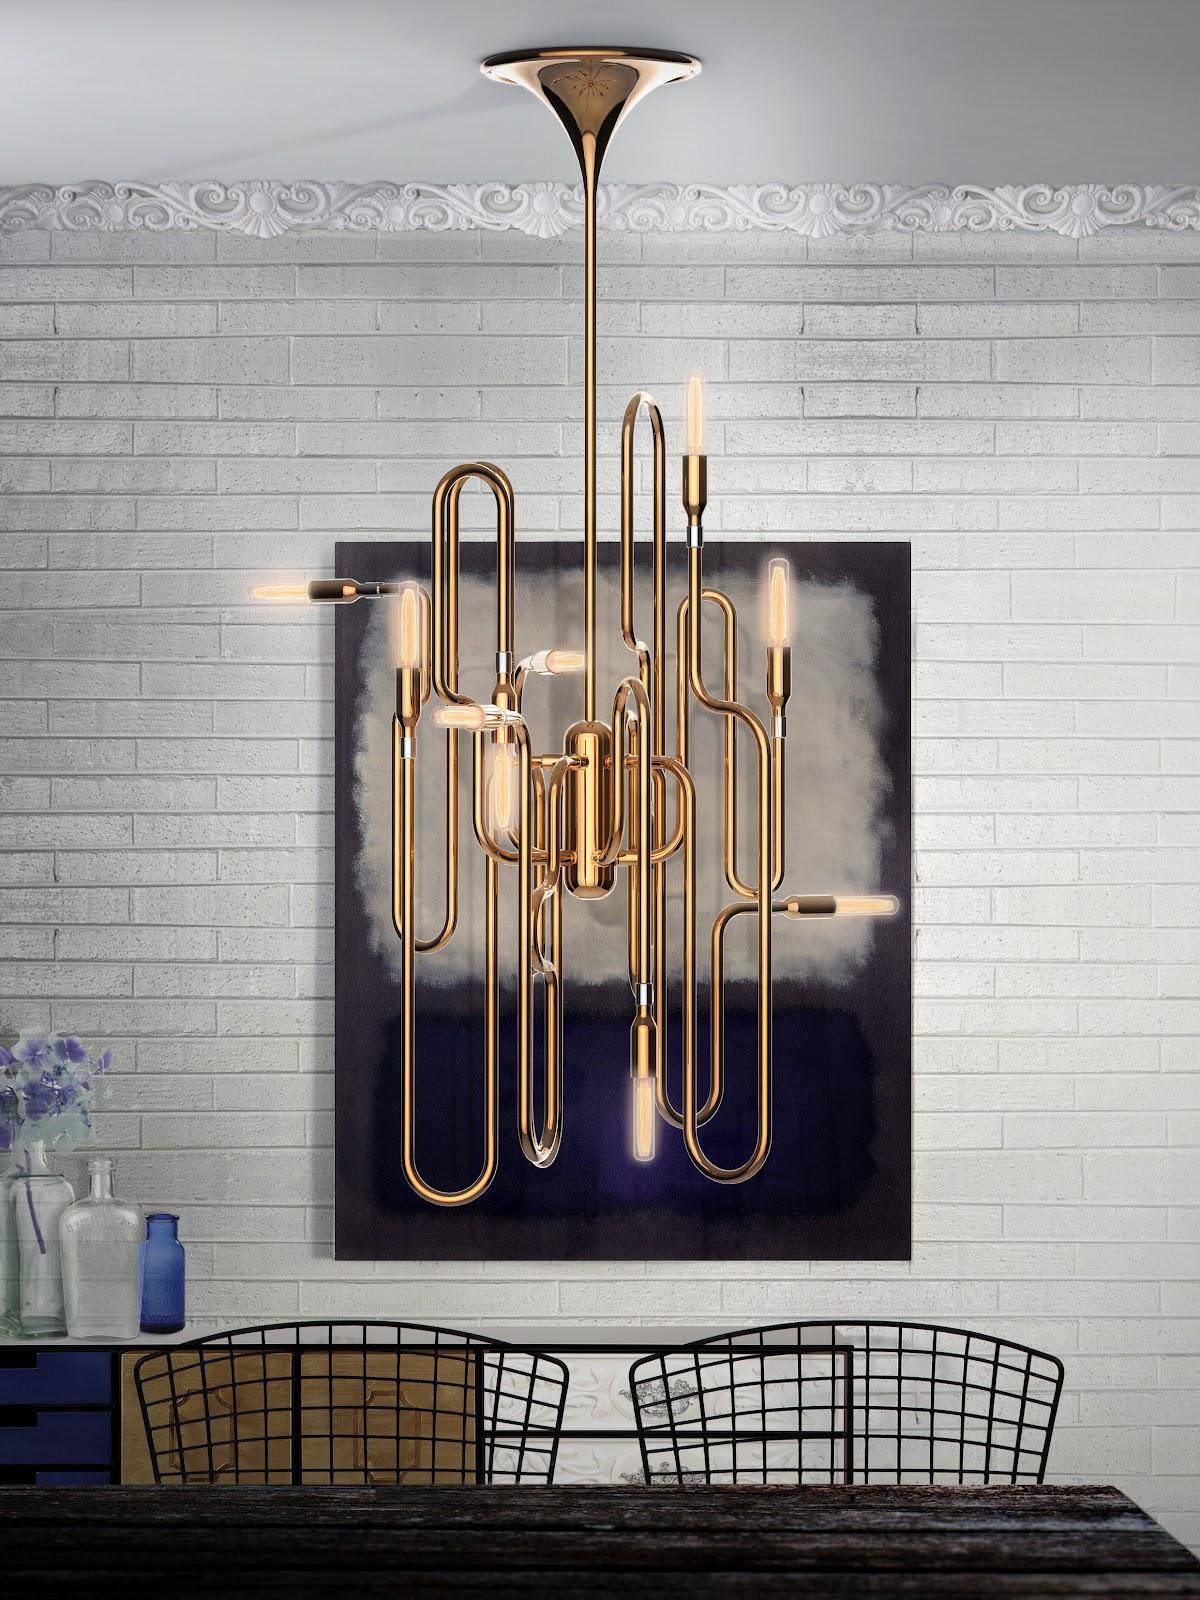 Top 5 Chandelier Lighting Designs of 2016 chandelier lighting Top 5 Chandelier Lighting Designs of 2016 Top 5 Chandelier Lighting Pieces of 2016 6